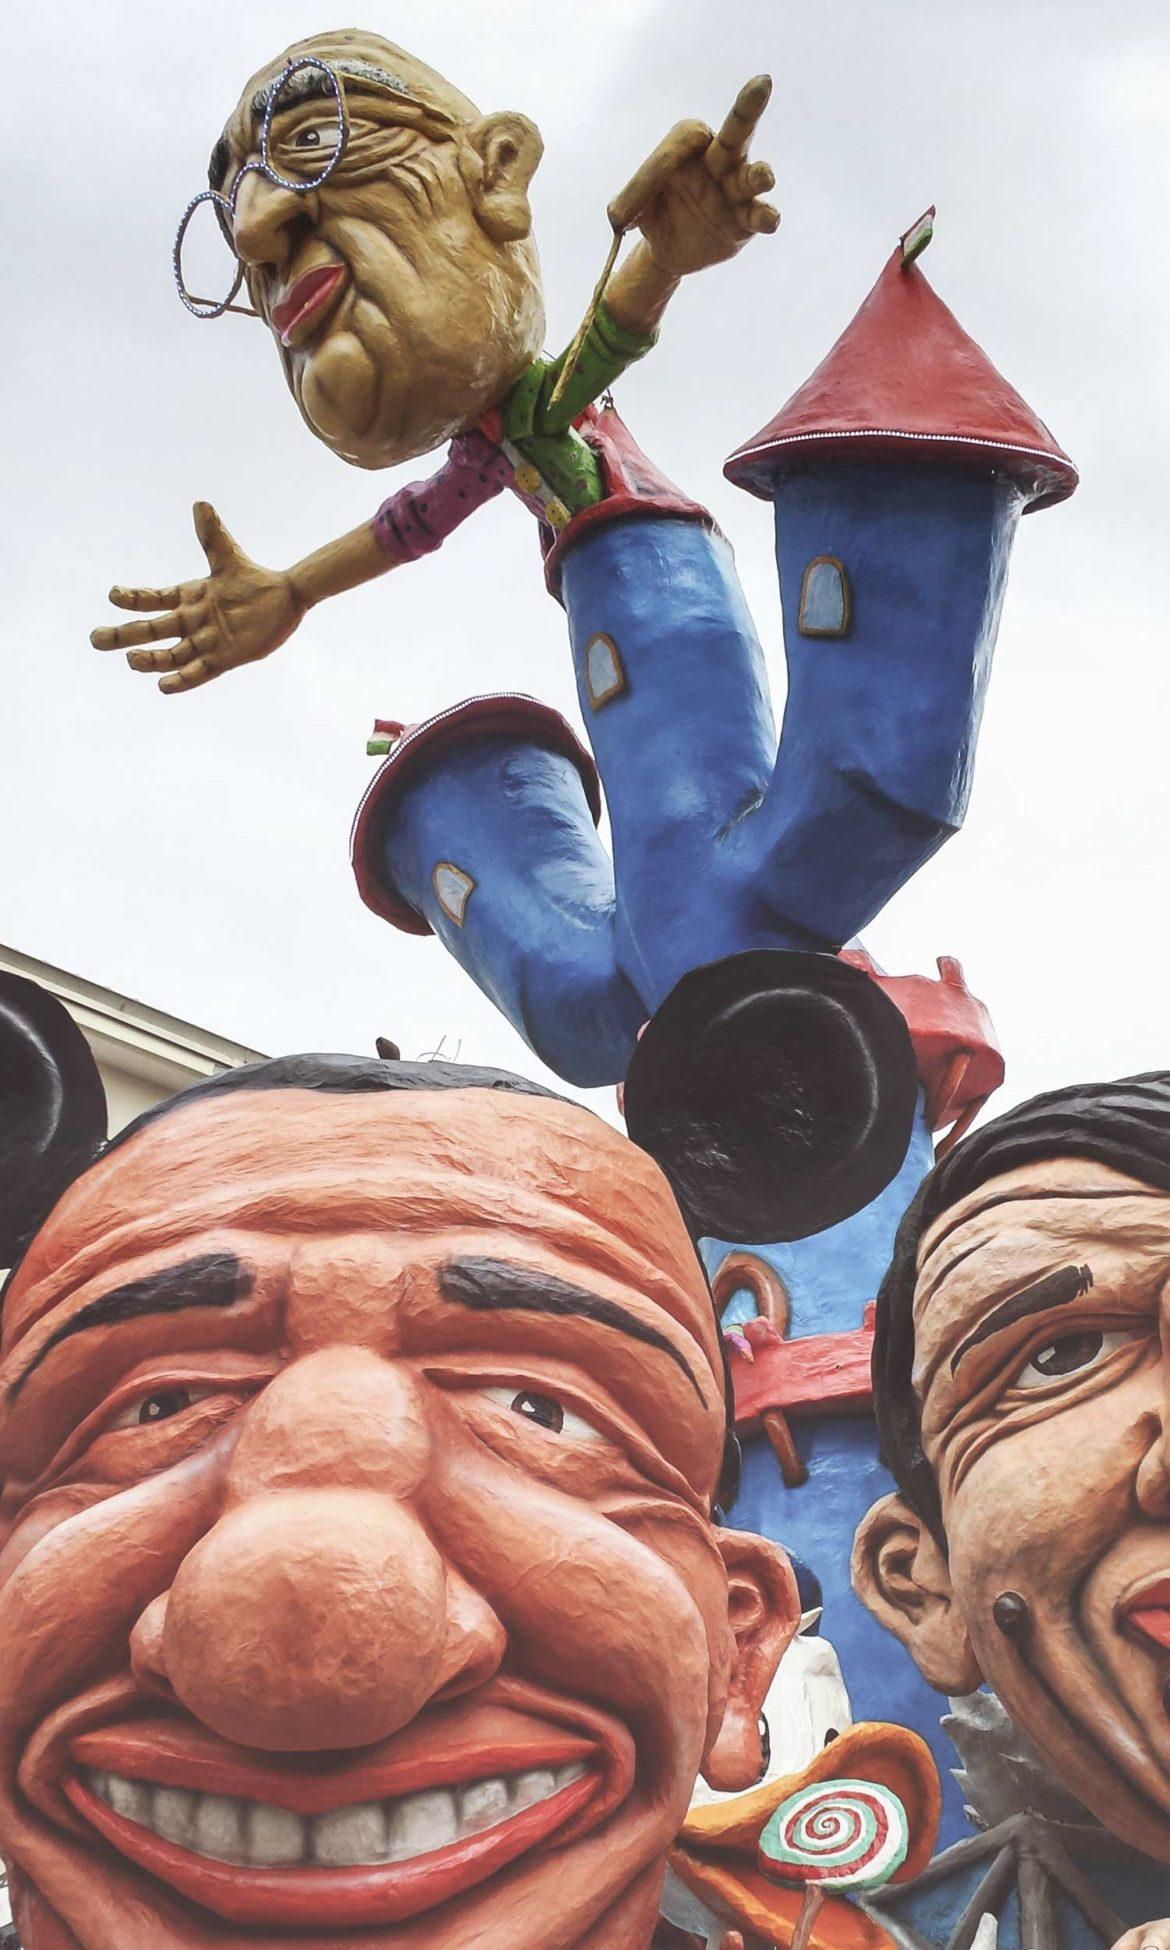 Il carnevale in Molise 2018, la sfilata dei carri allegorici a Larino